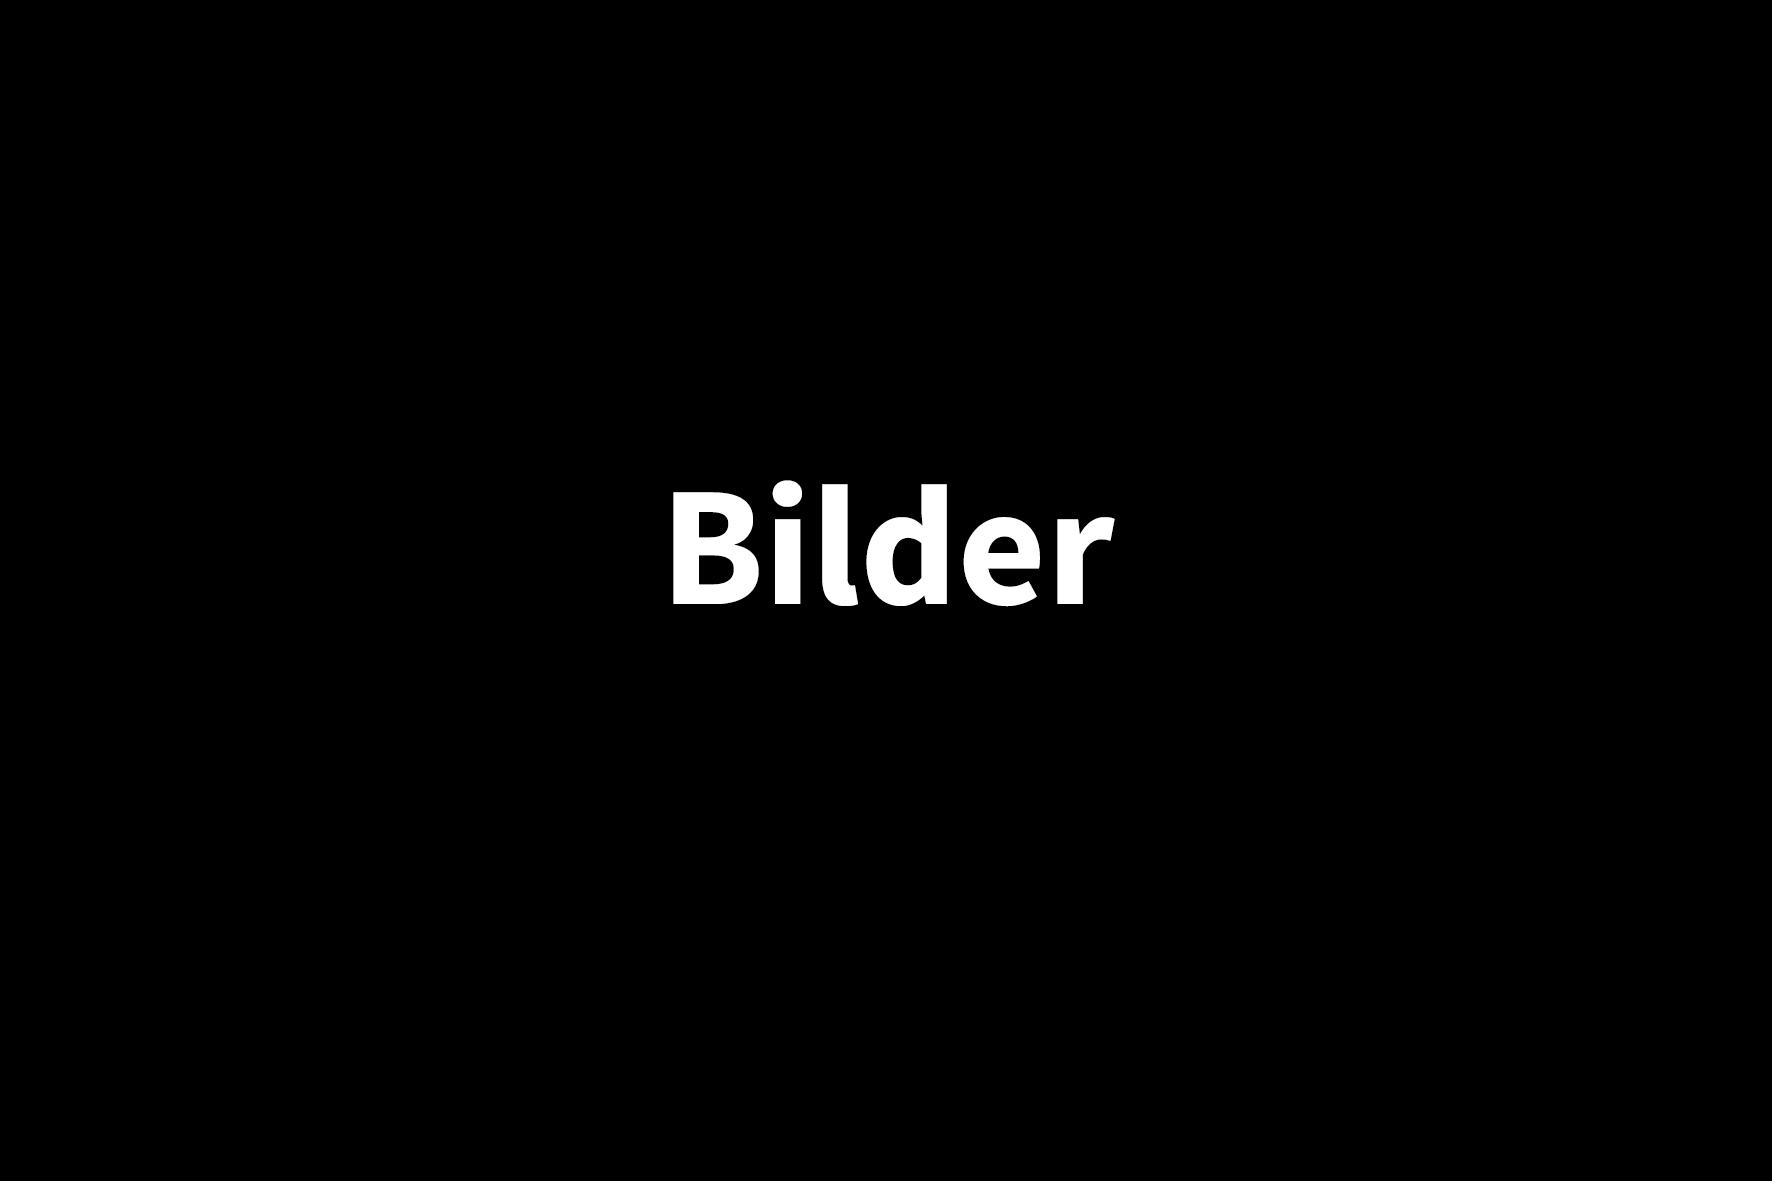 04_Galerie_Bilder